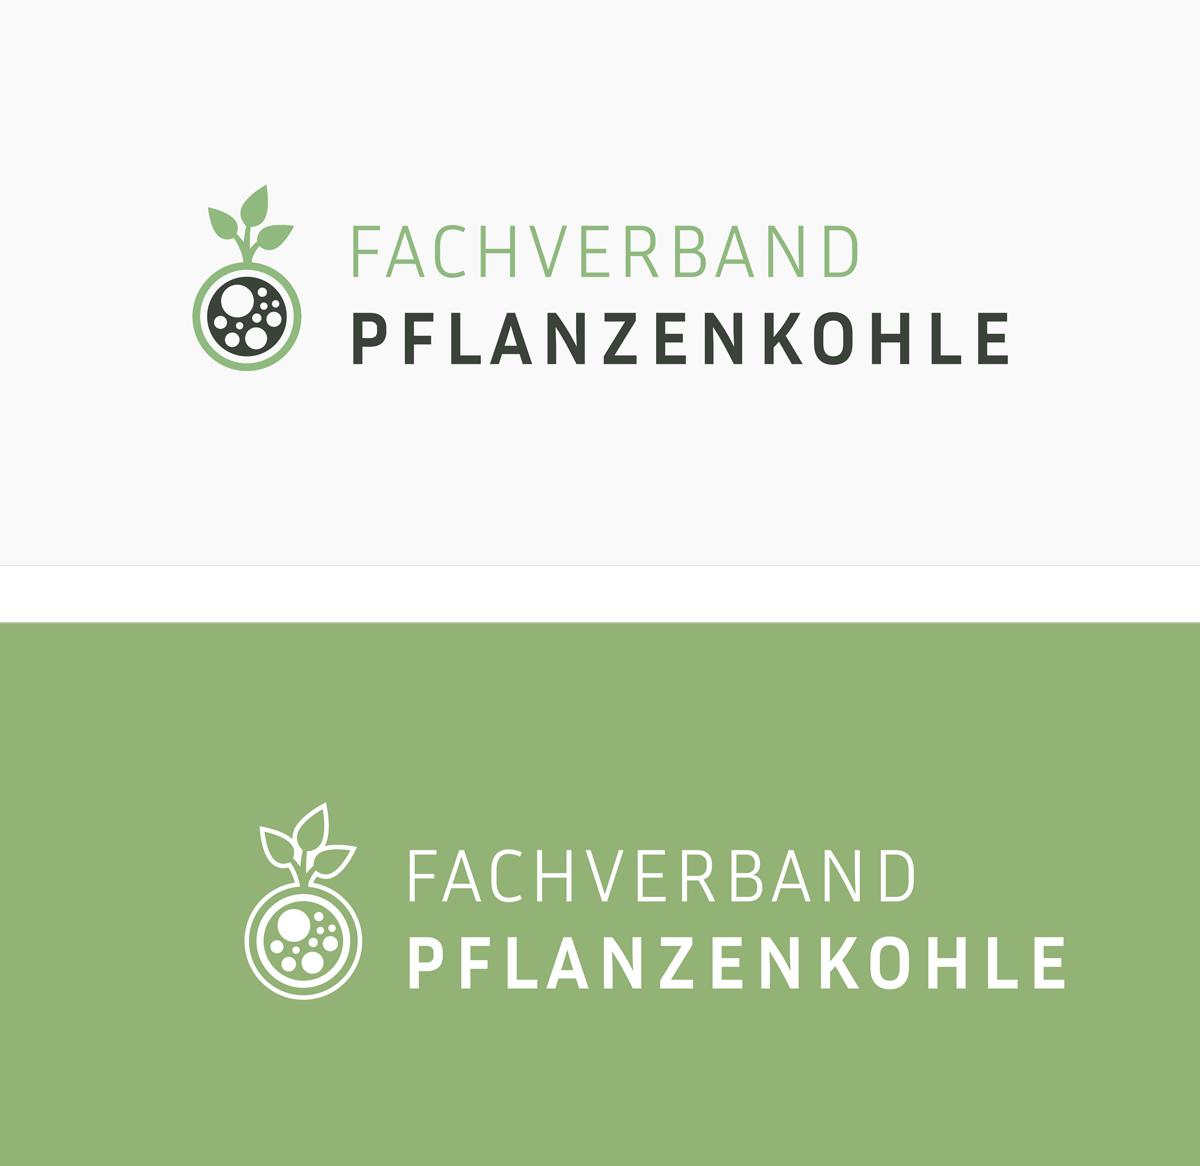 2 Versionen des Logos Fachverband Pflanzenkohle, farbig und weiß auf grün